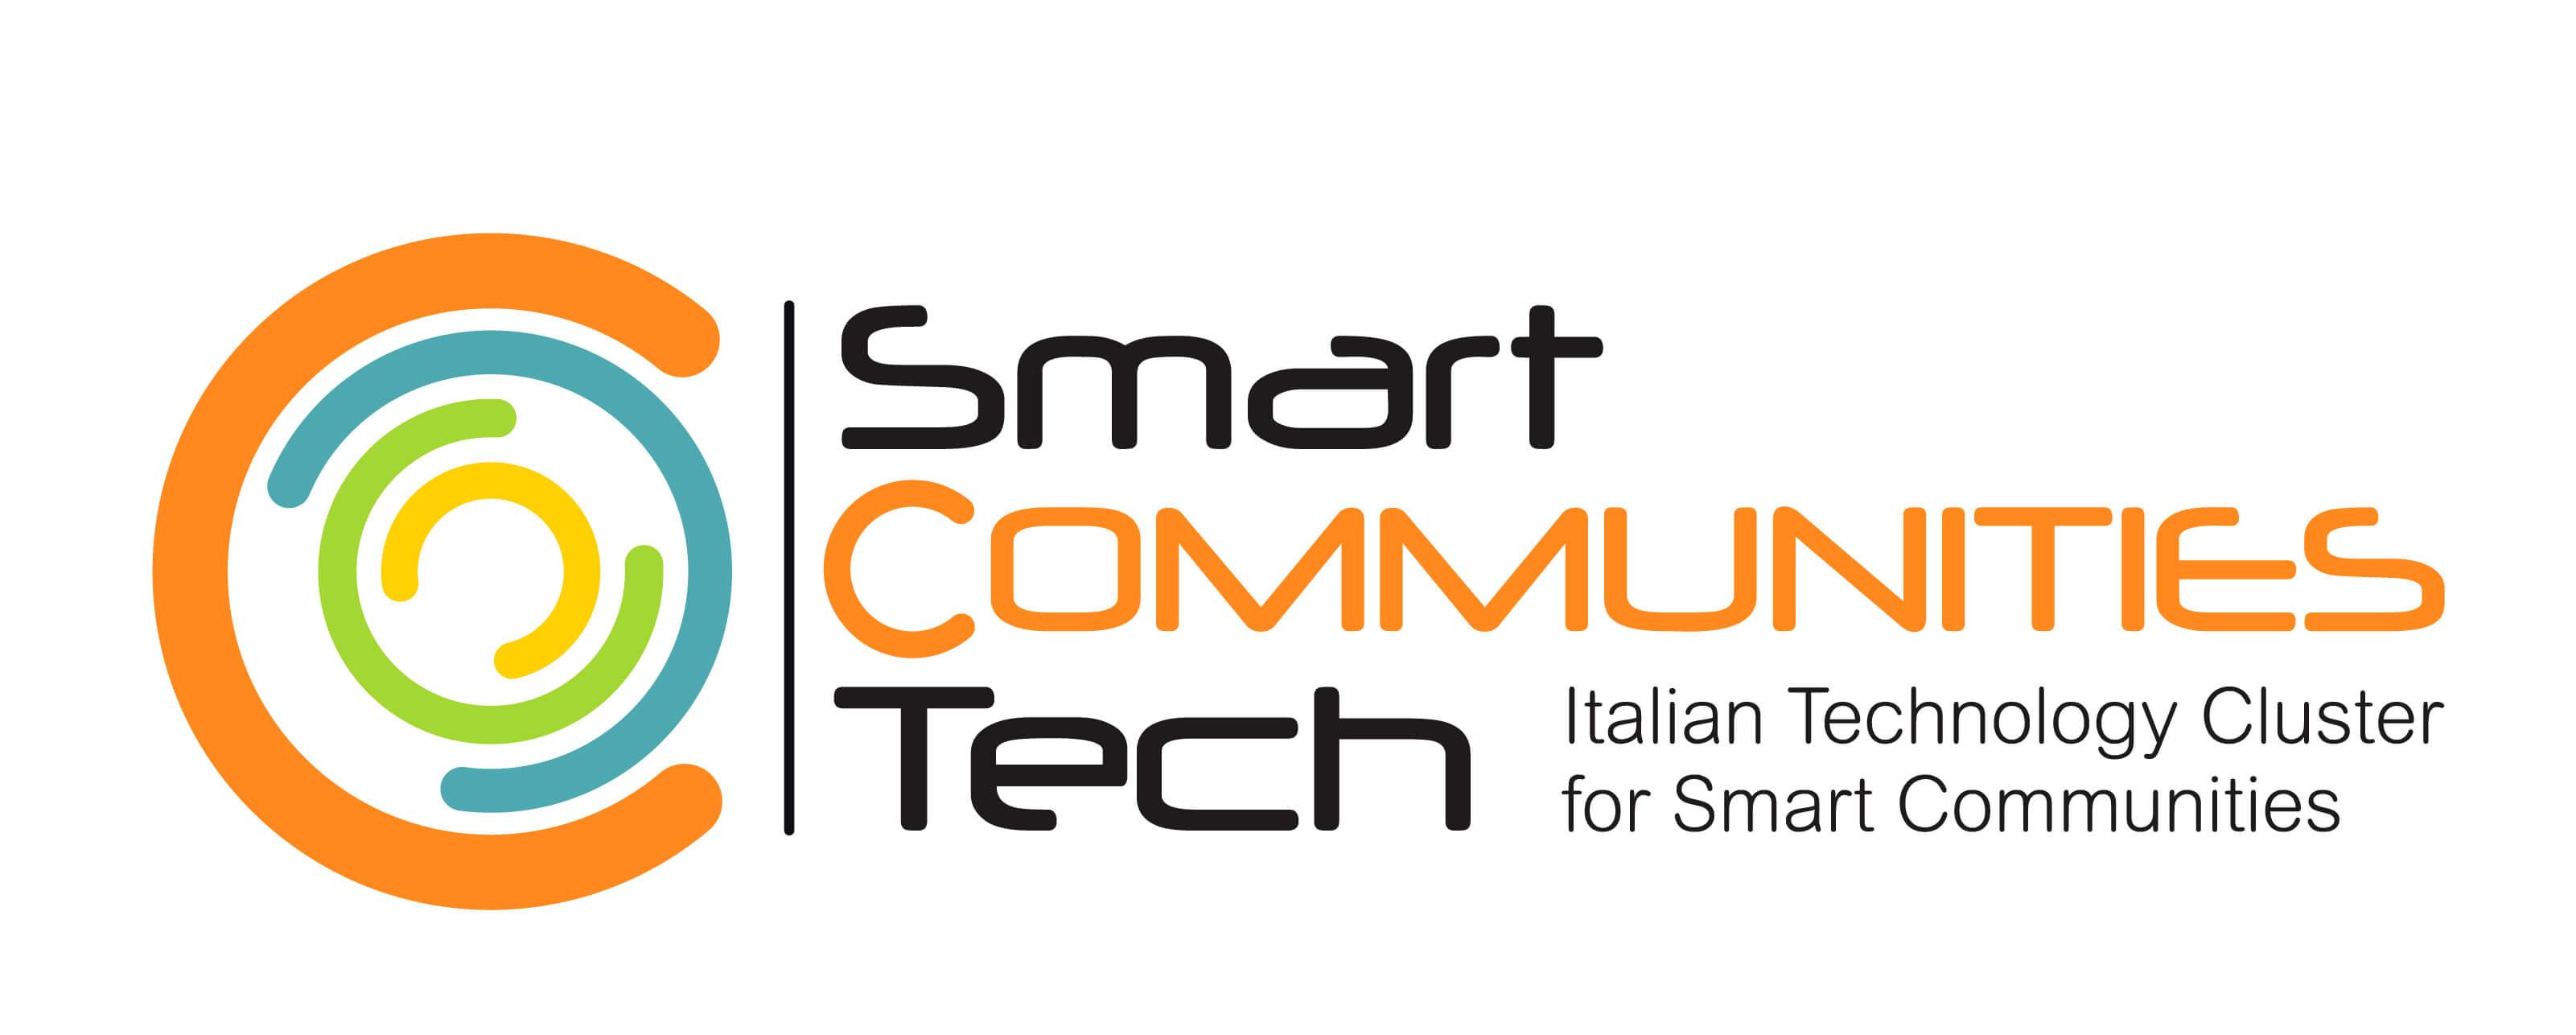 smartcommunitiestech_logo_0